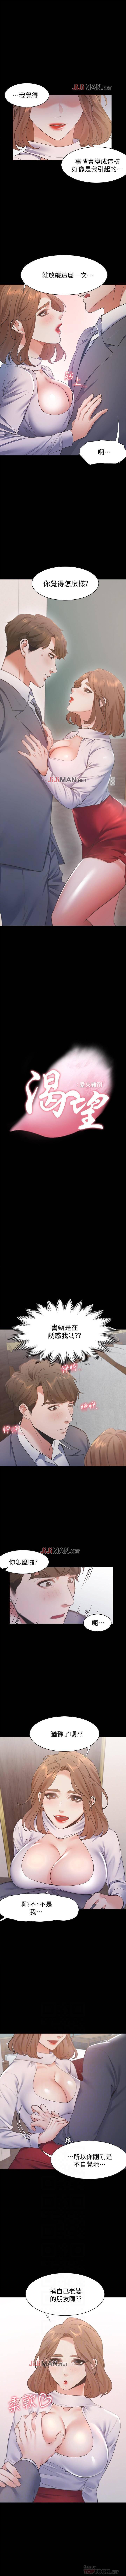 【周五连载】渴望:爱火难耐(作者:Appeal&格子17) 第1~24话 105